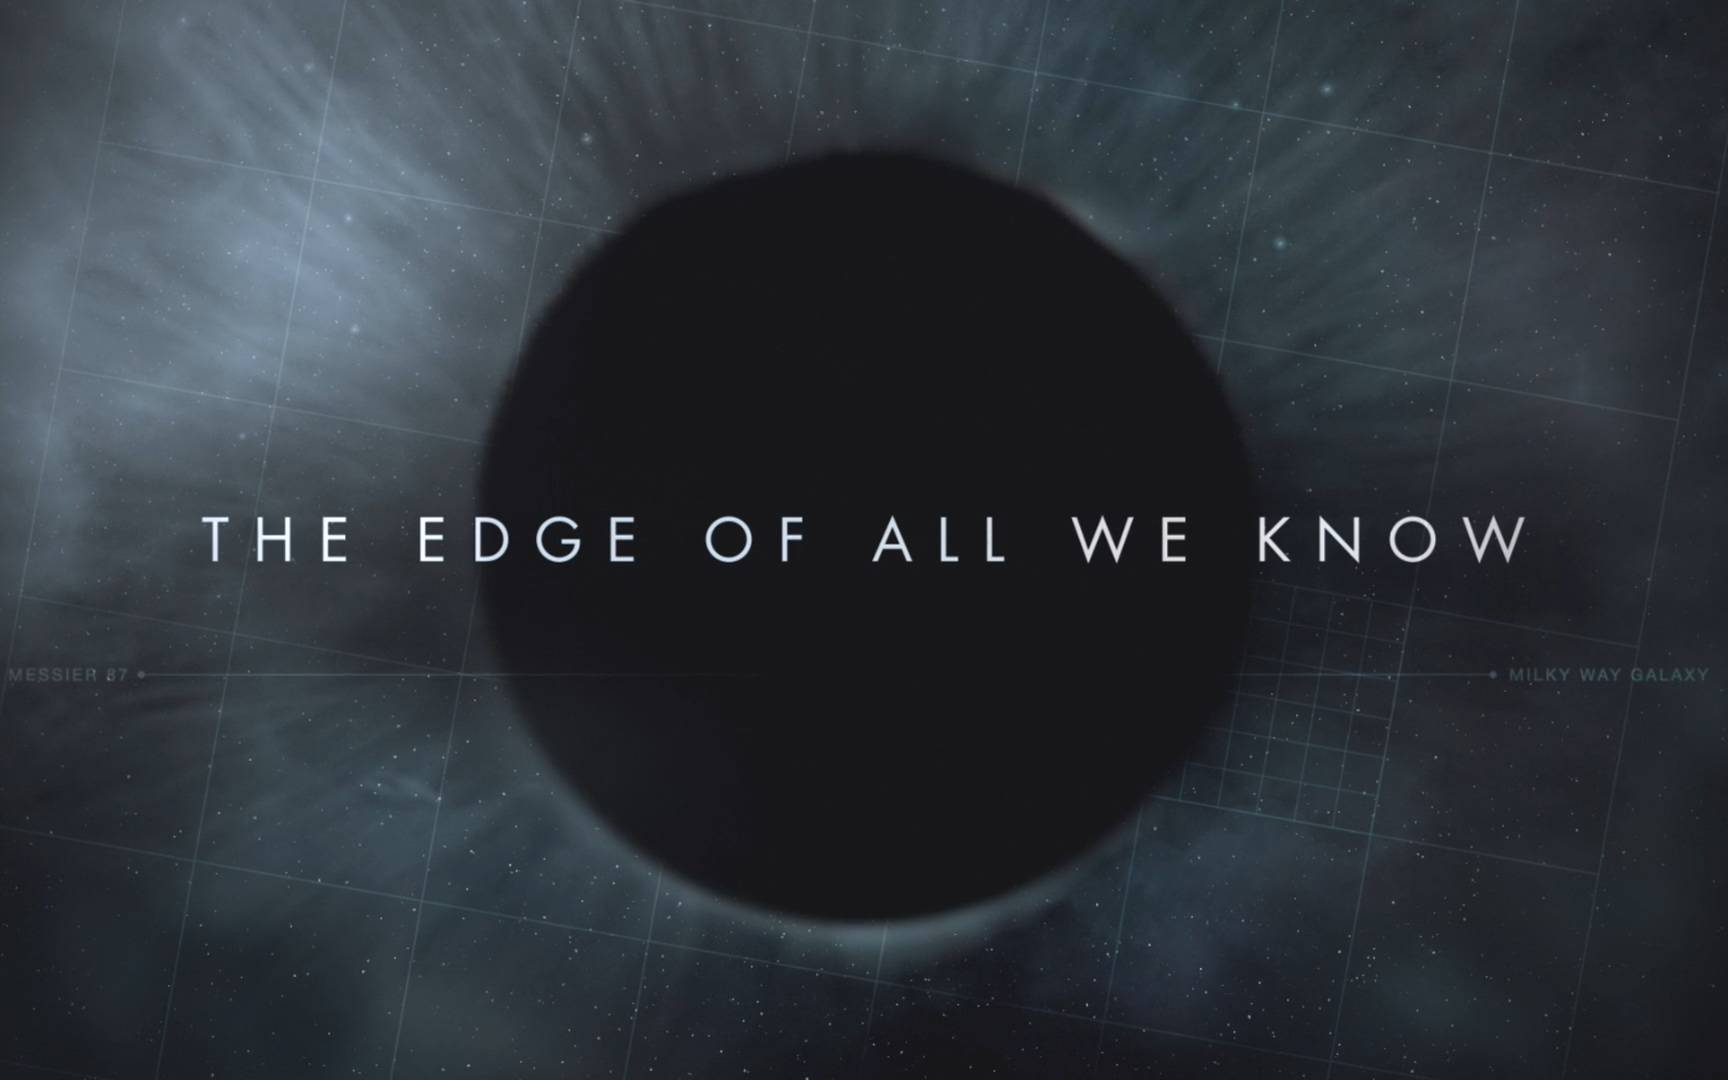 黑洞  人类知识的终极极限1080P 中英双语字幕